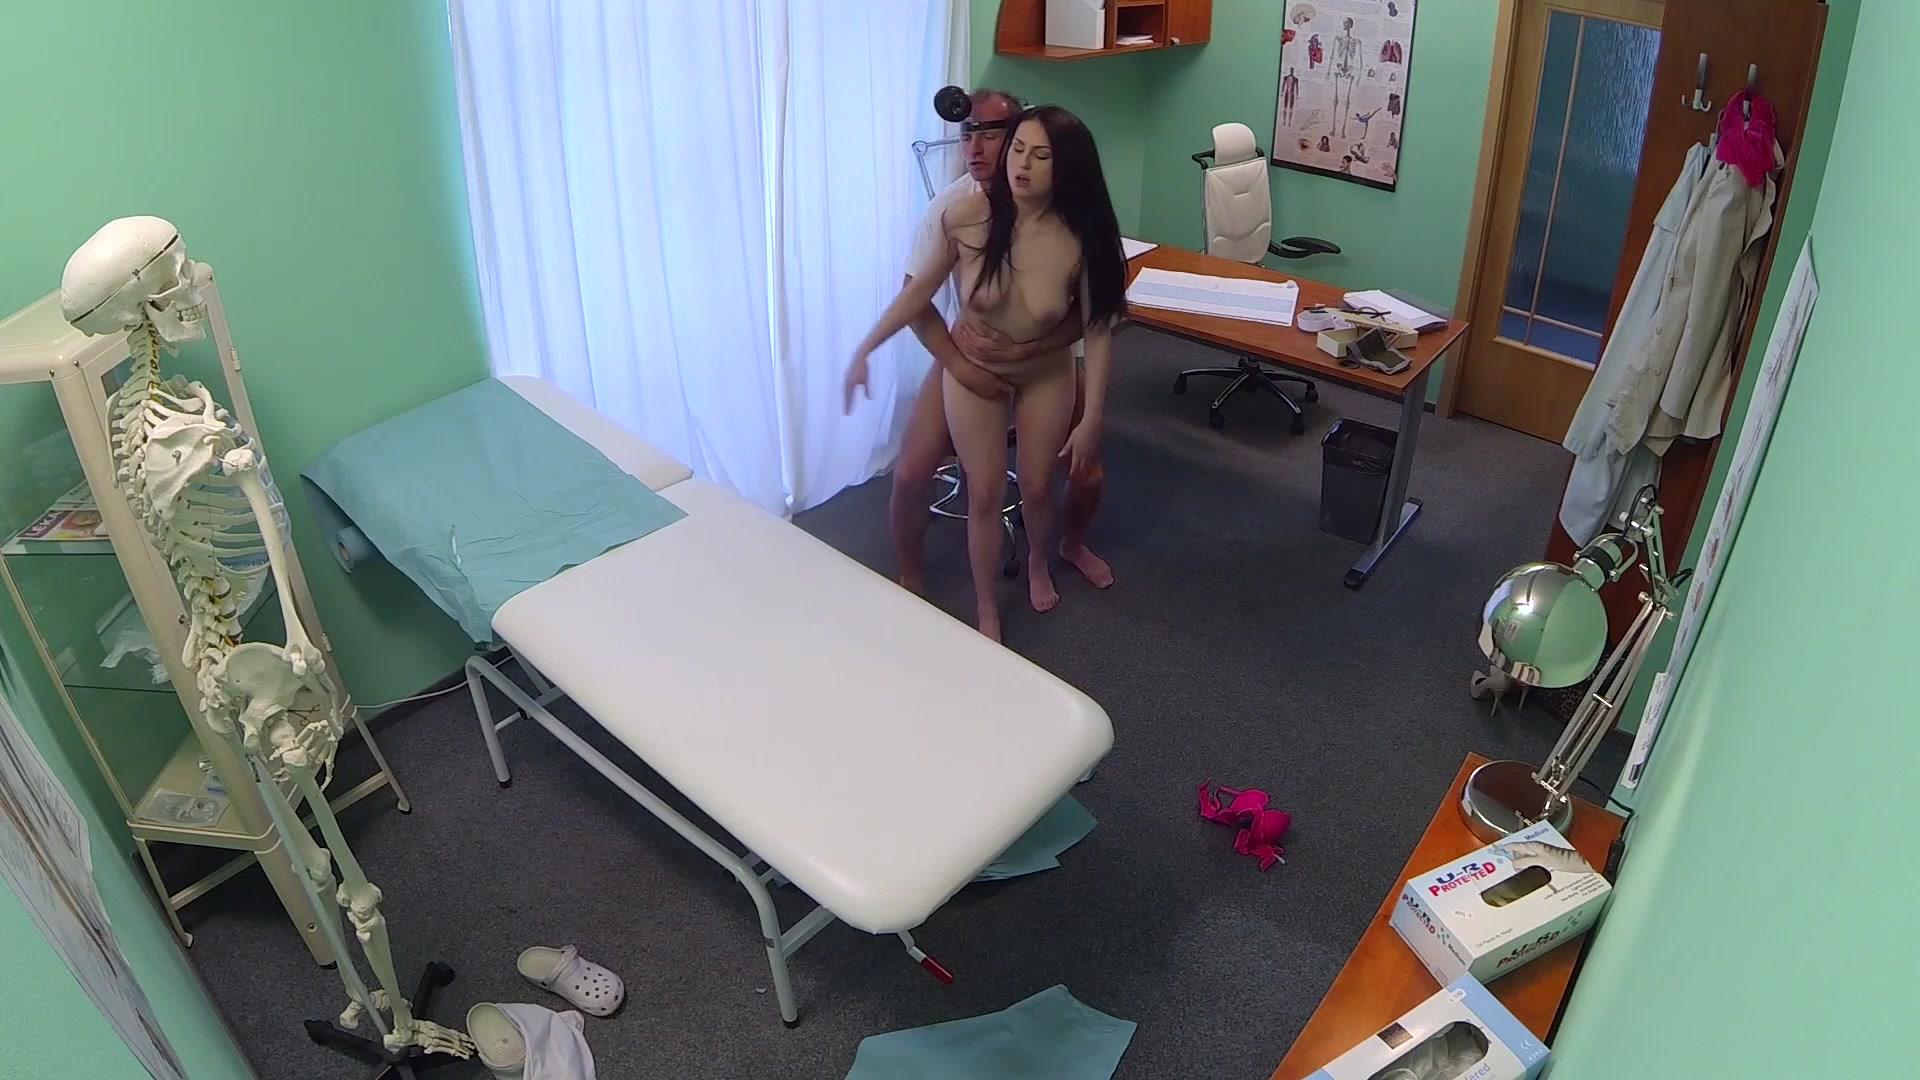 Special treatment porn